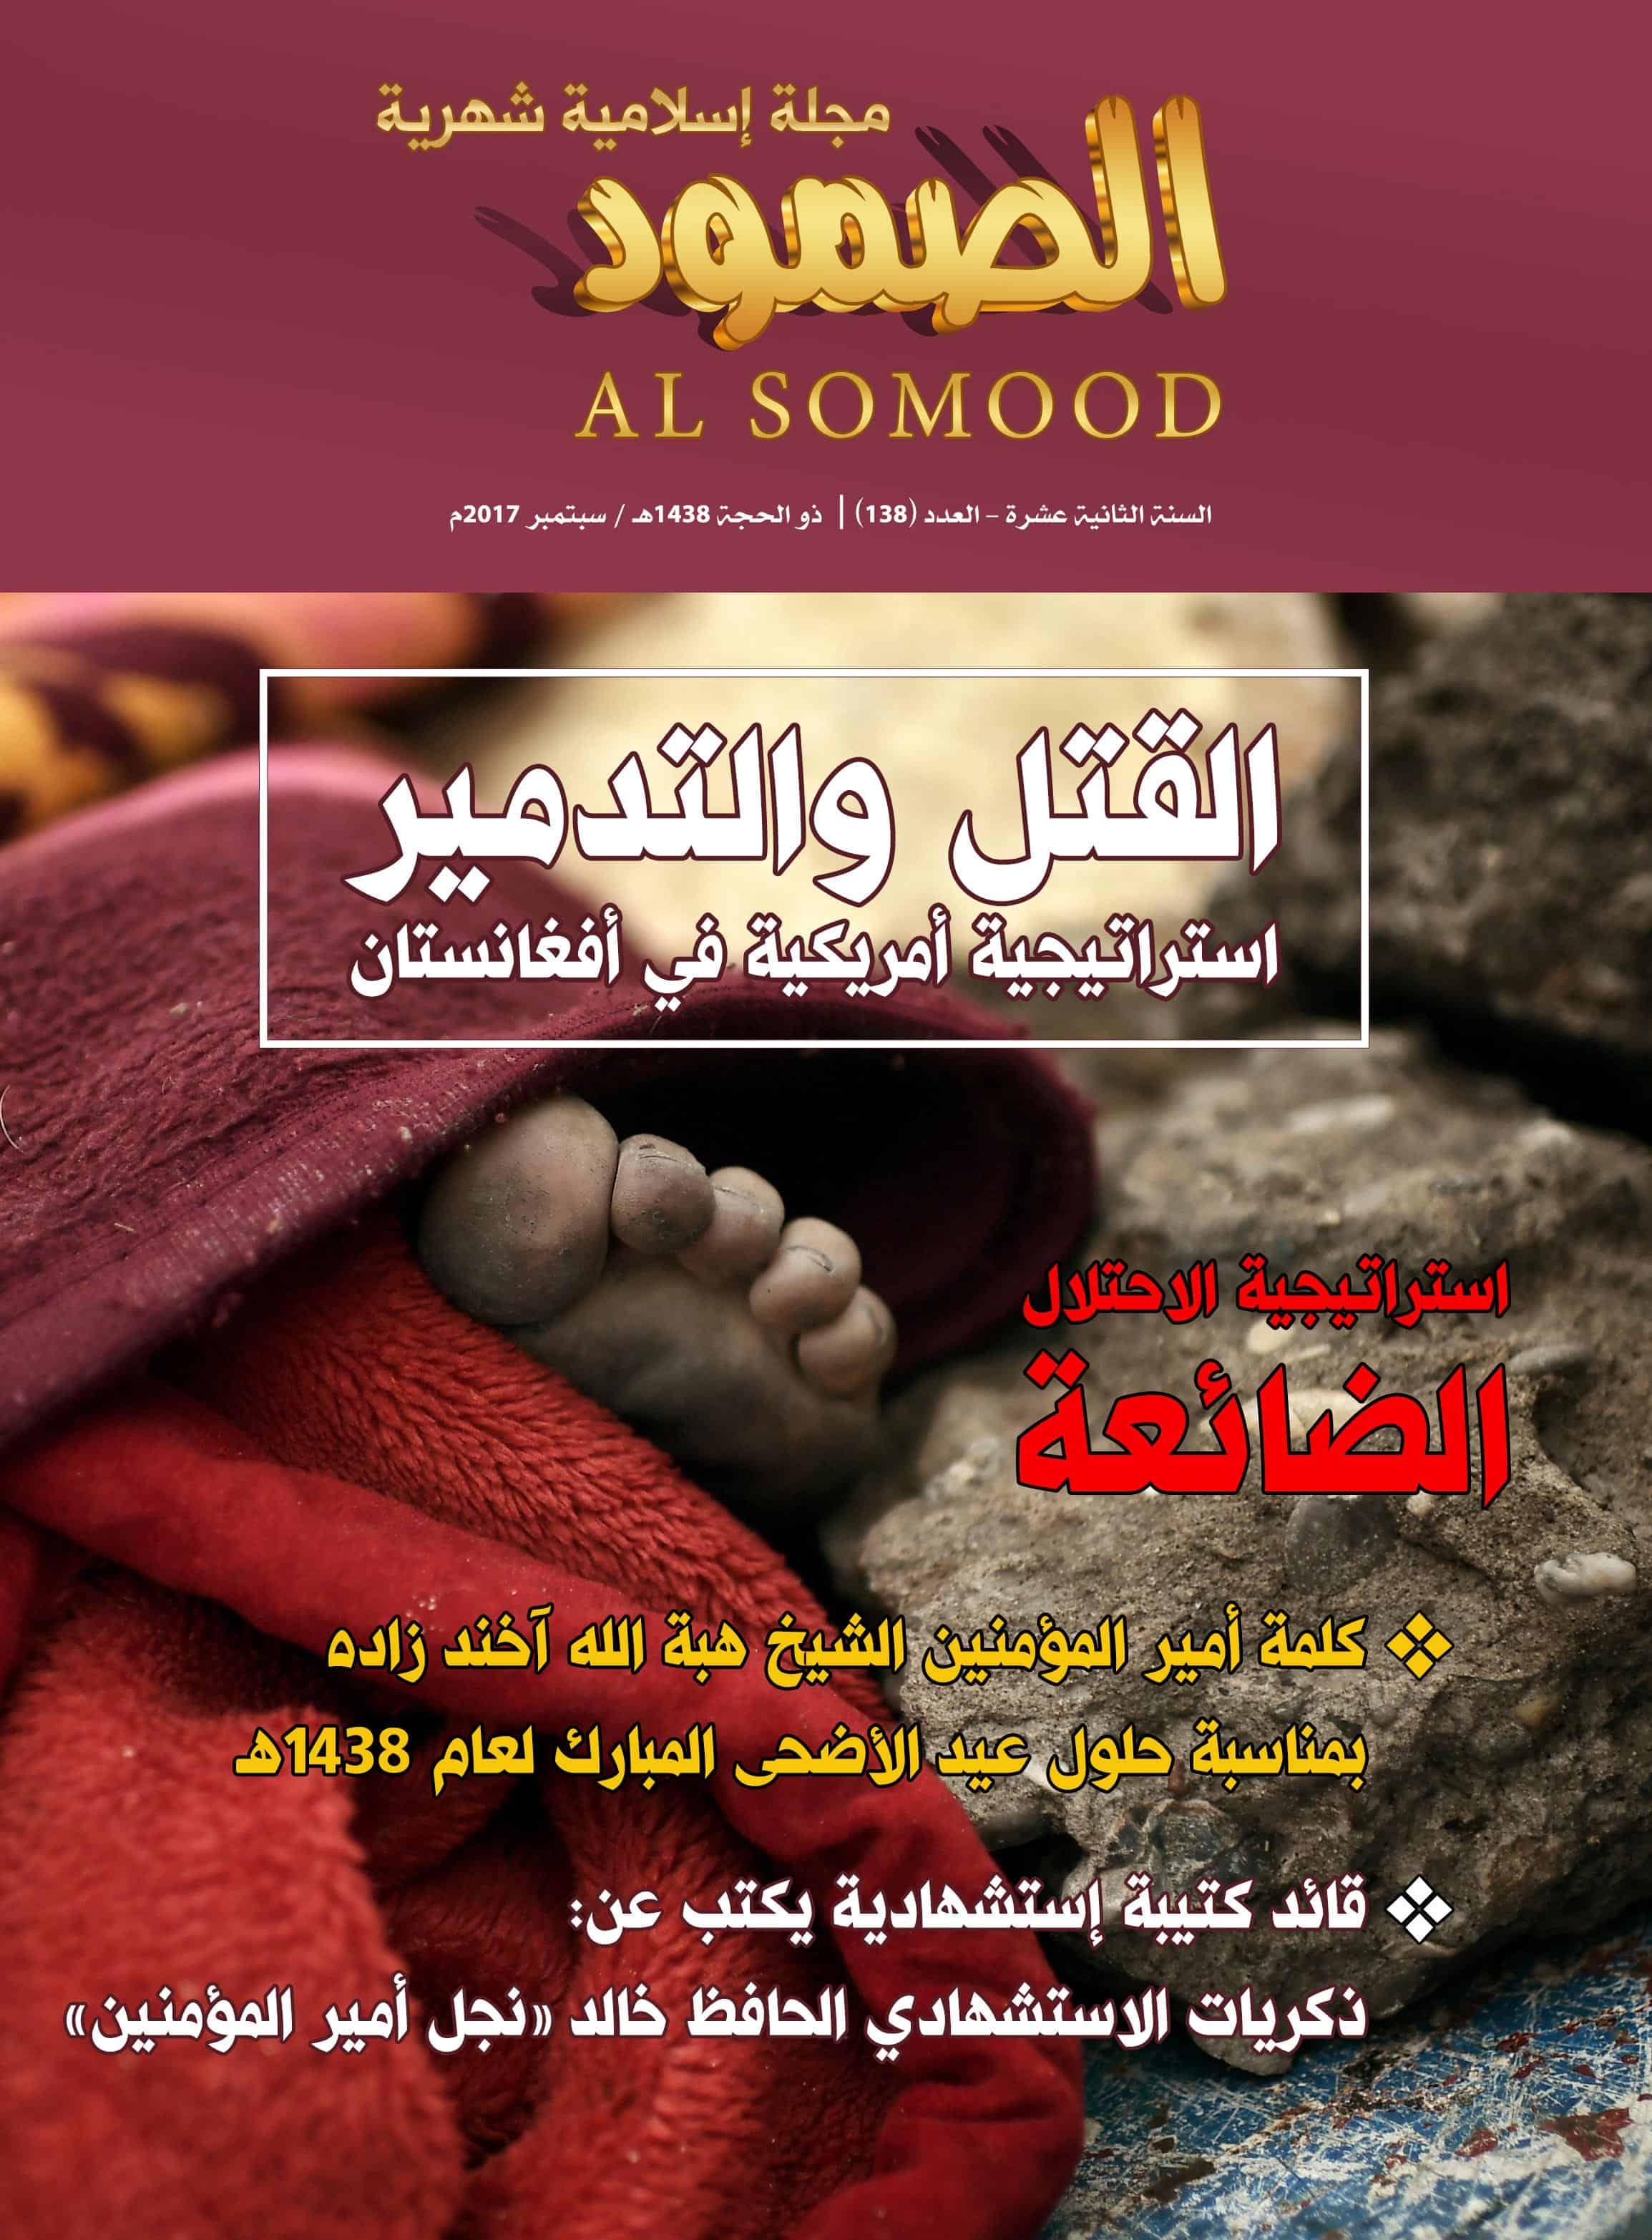 مجلة الصمود الاسلامية العدد 138